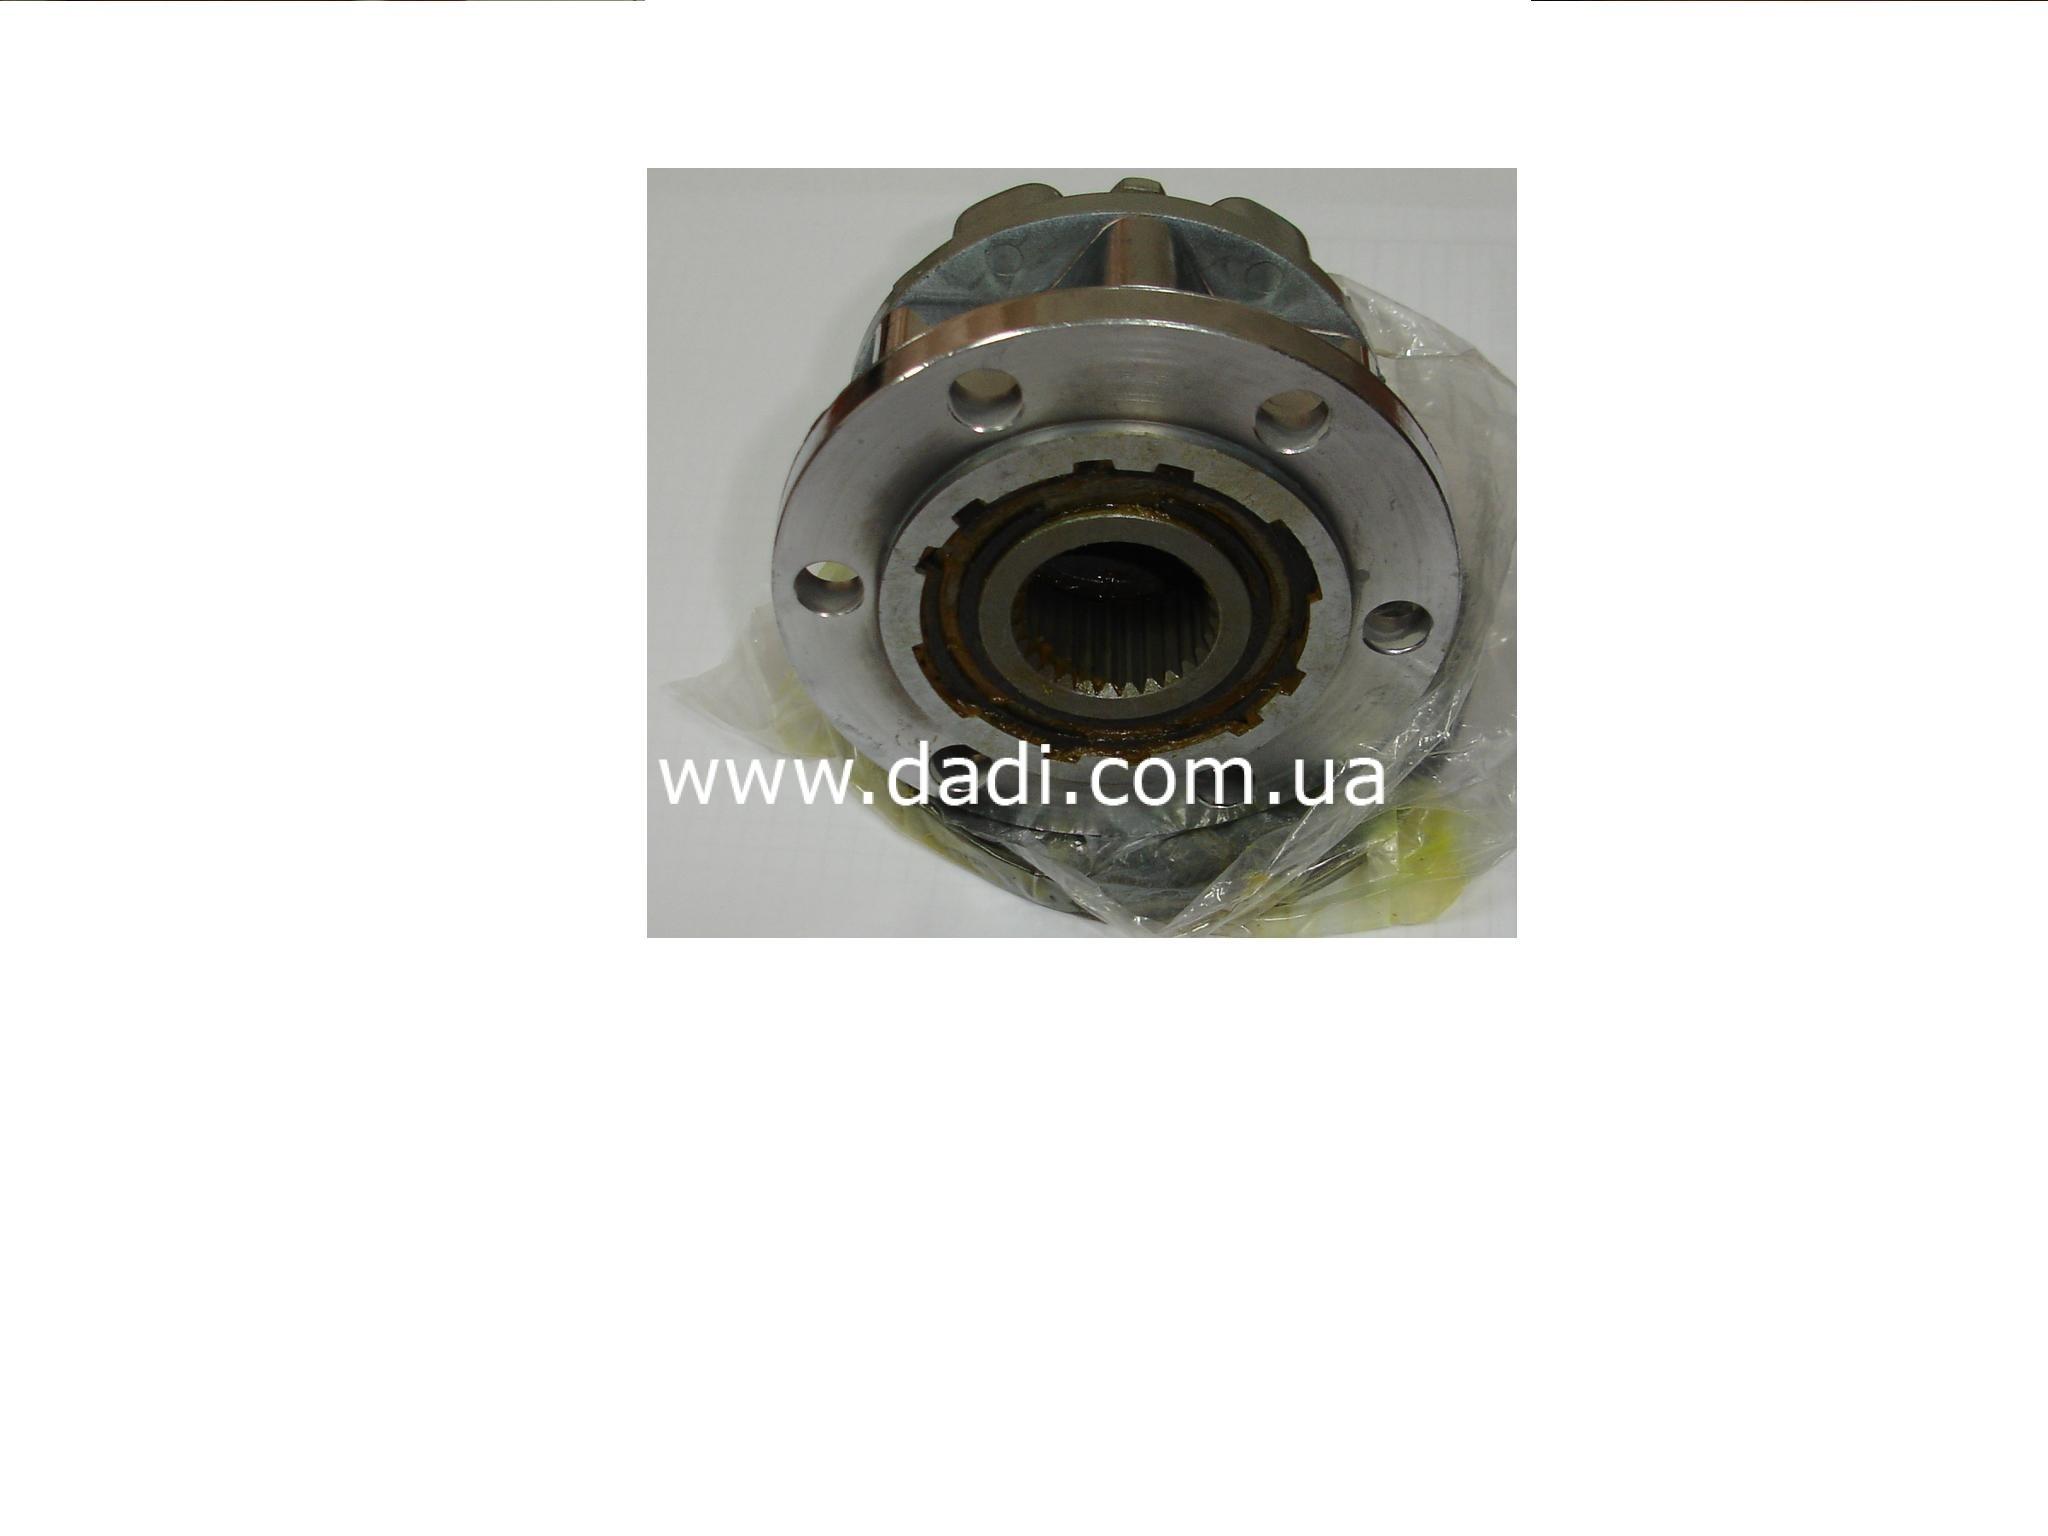 Муфта підключення переднього приводу колеса (HUB)/ муфта блокировки колеса/ хаб-333